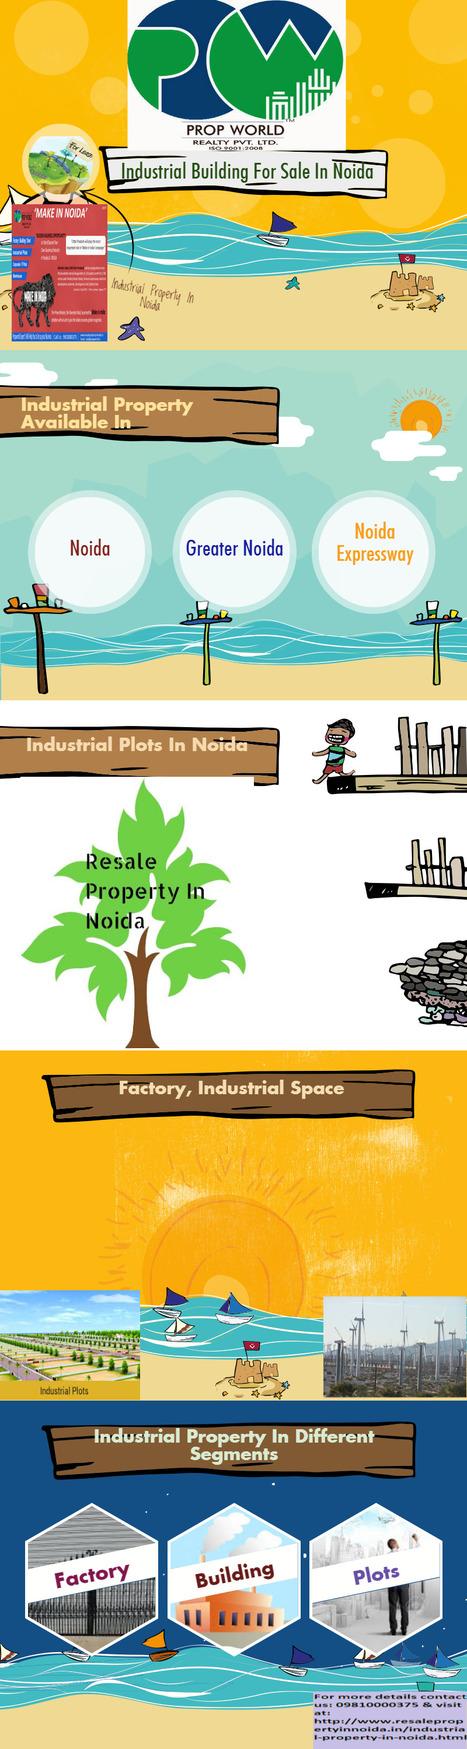 Resale property in noida   Resale Property in Noida   Scoop.it